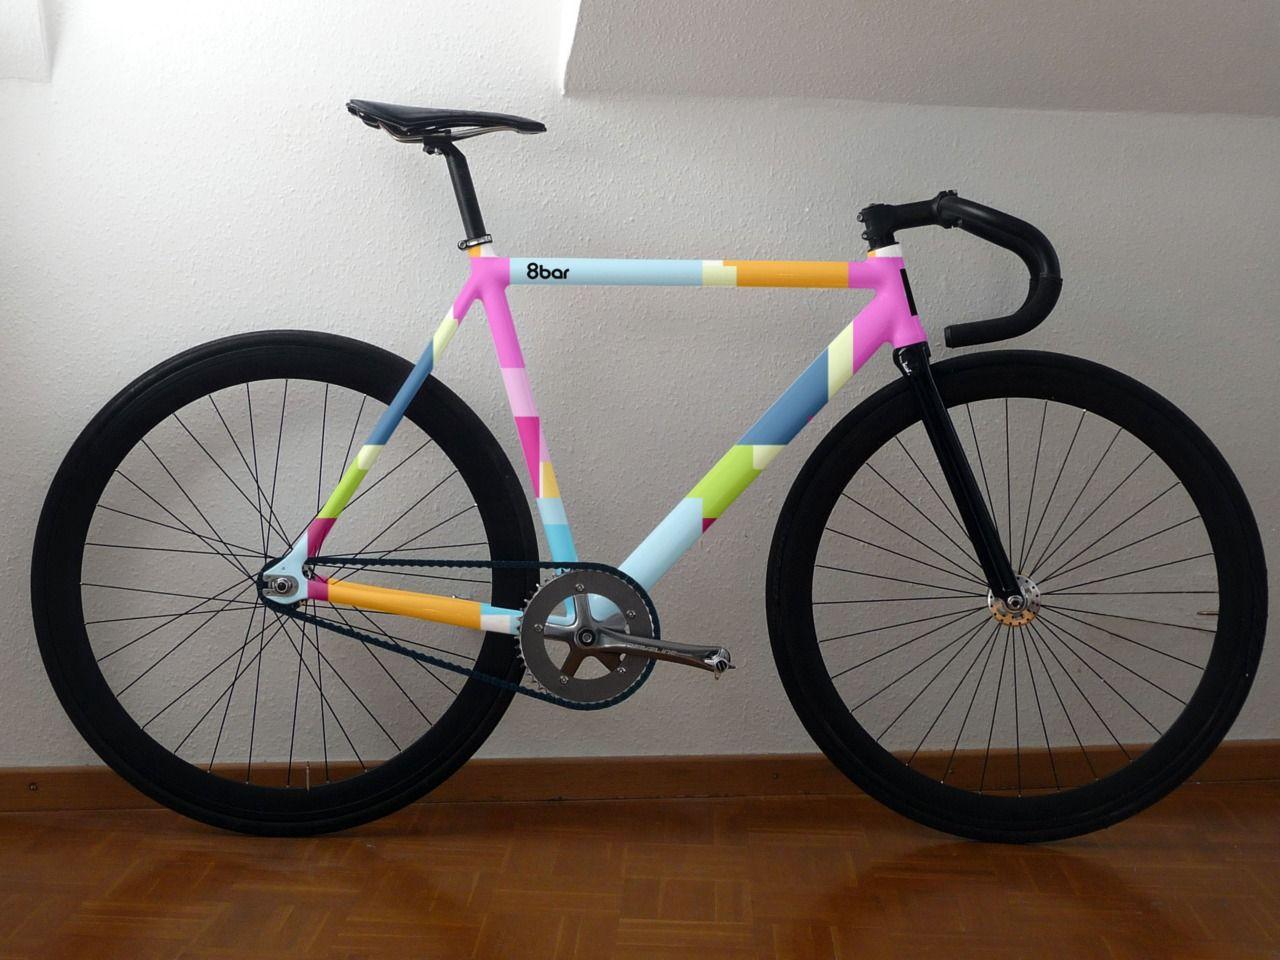 Sticker design for mountain bike - 8bar Bikes